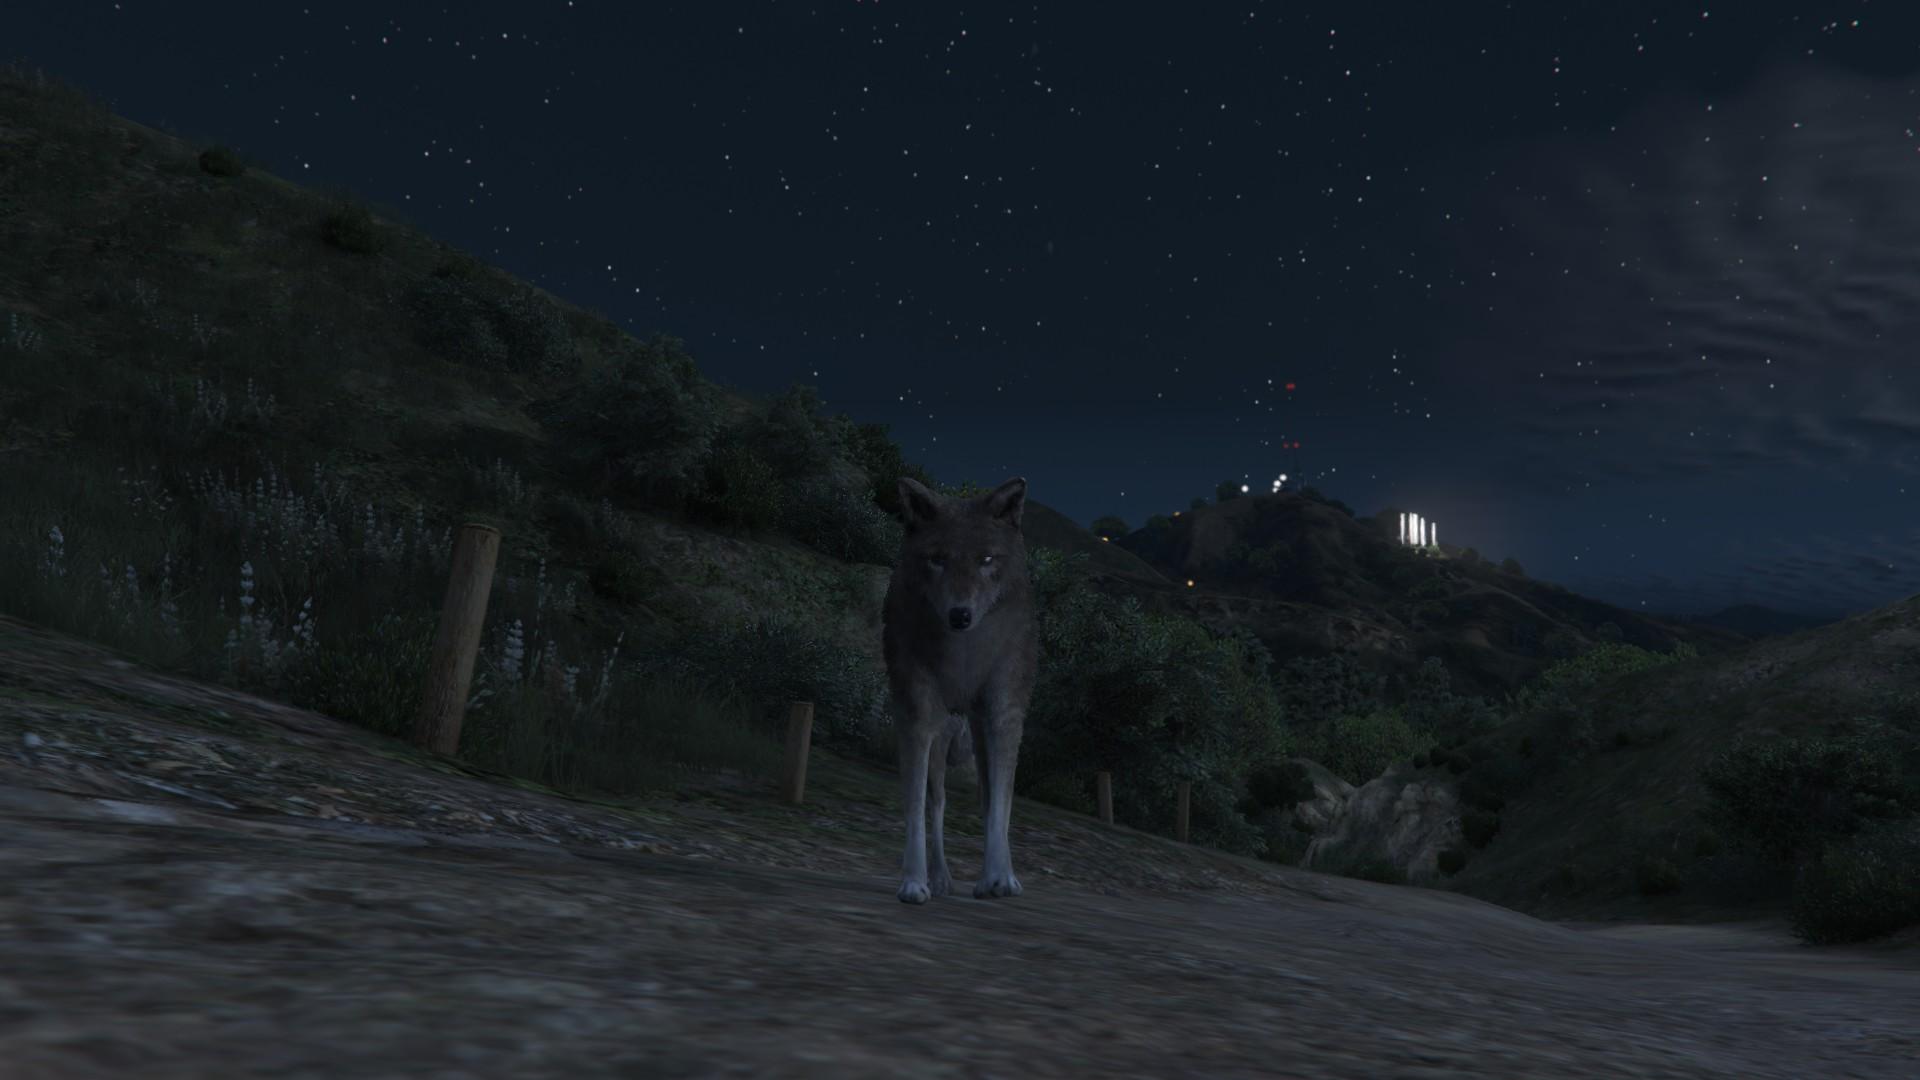 Результат поедания кактусов - Grand Theft Auto 5 кактусы, животные